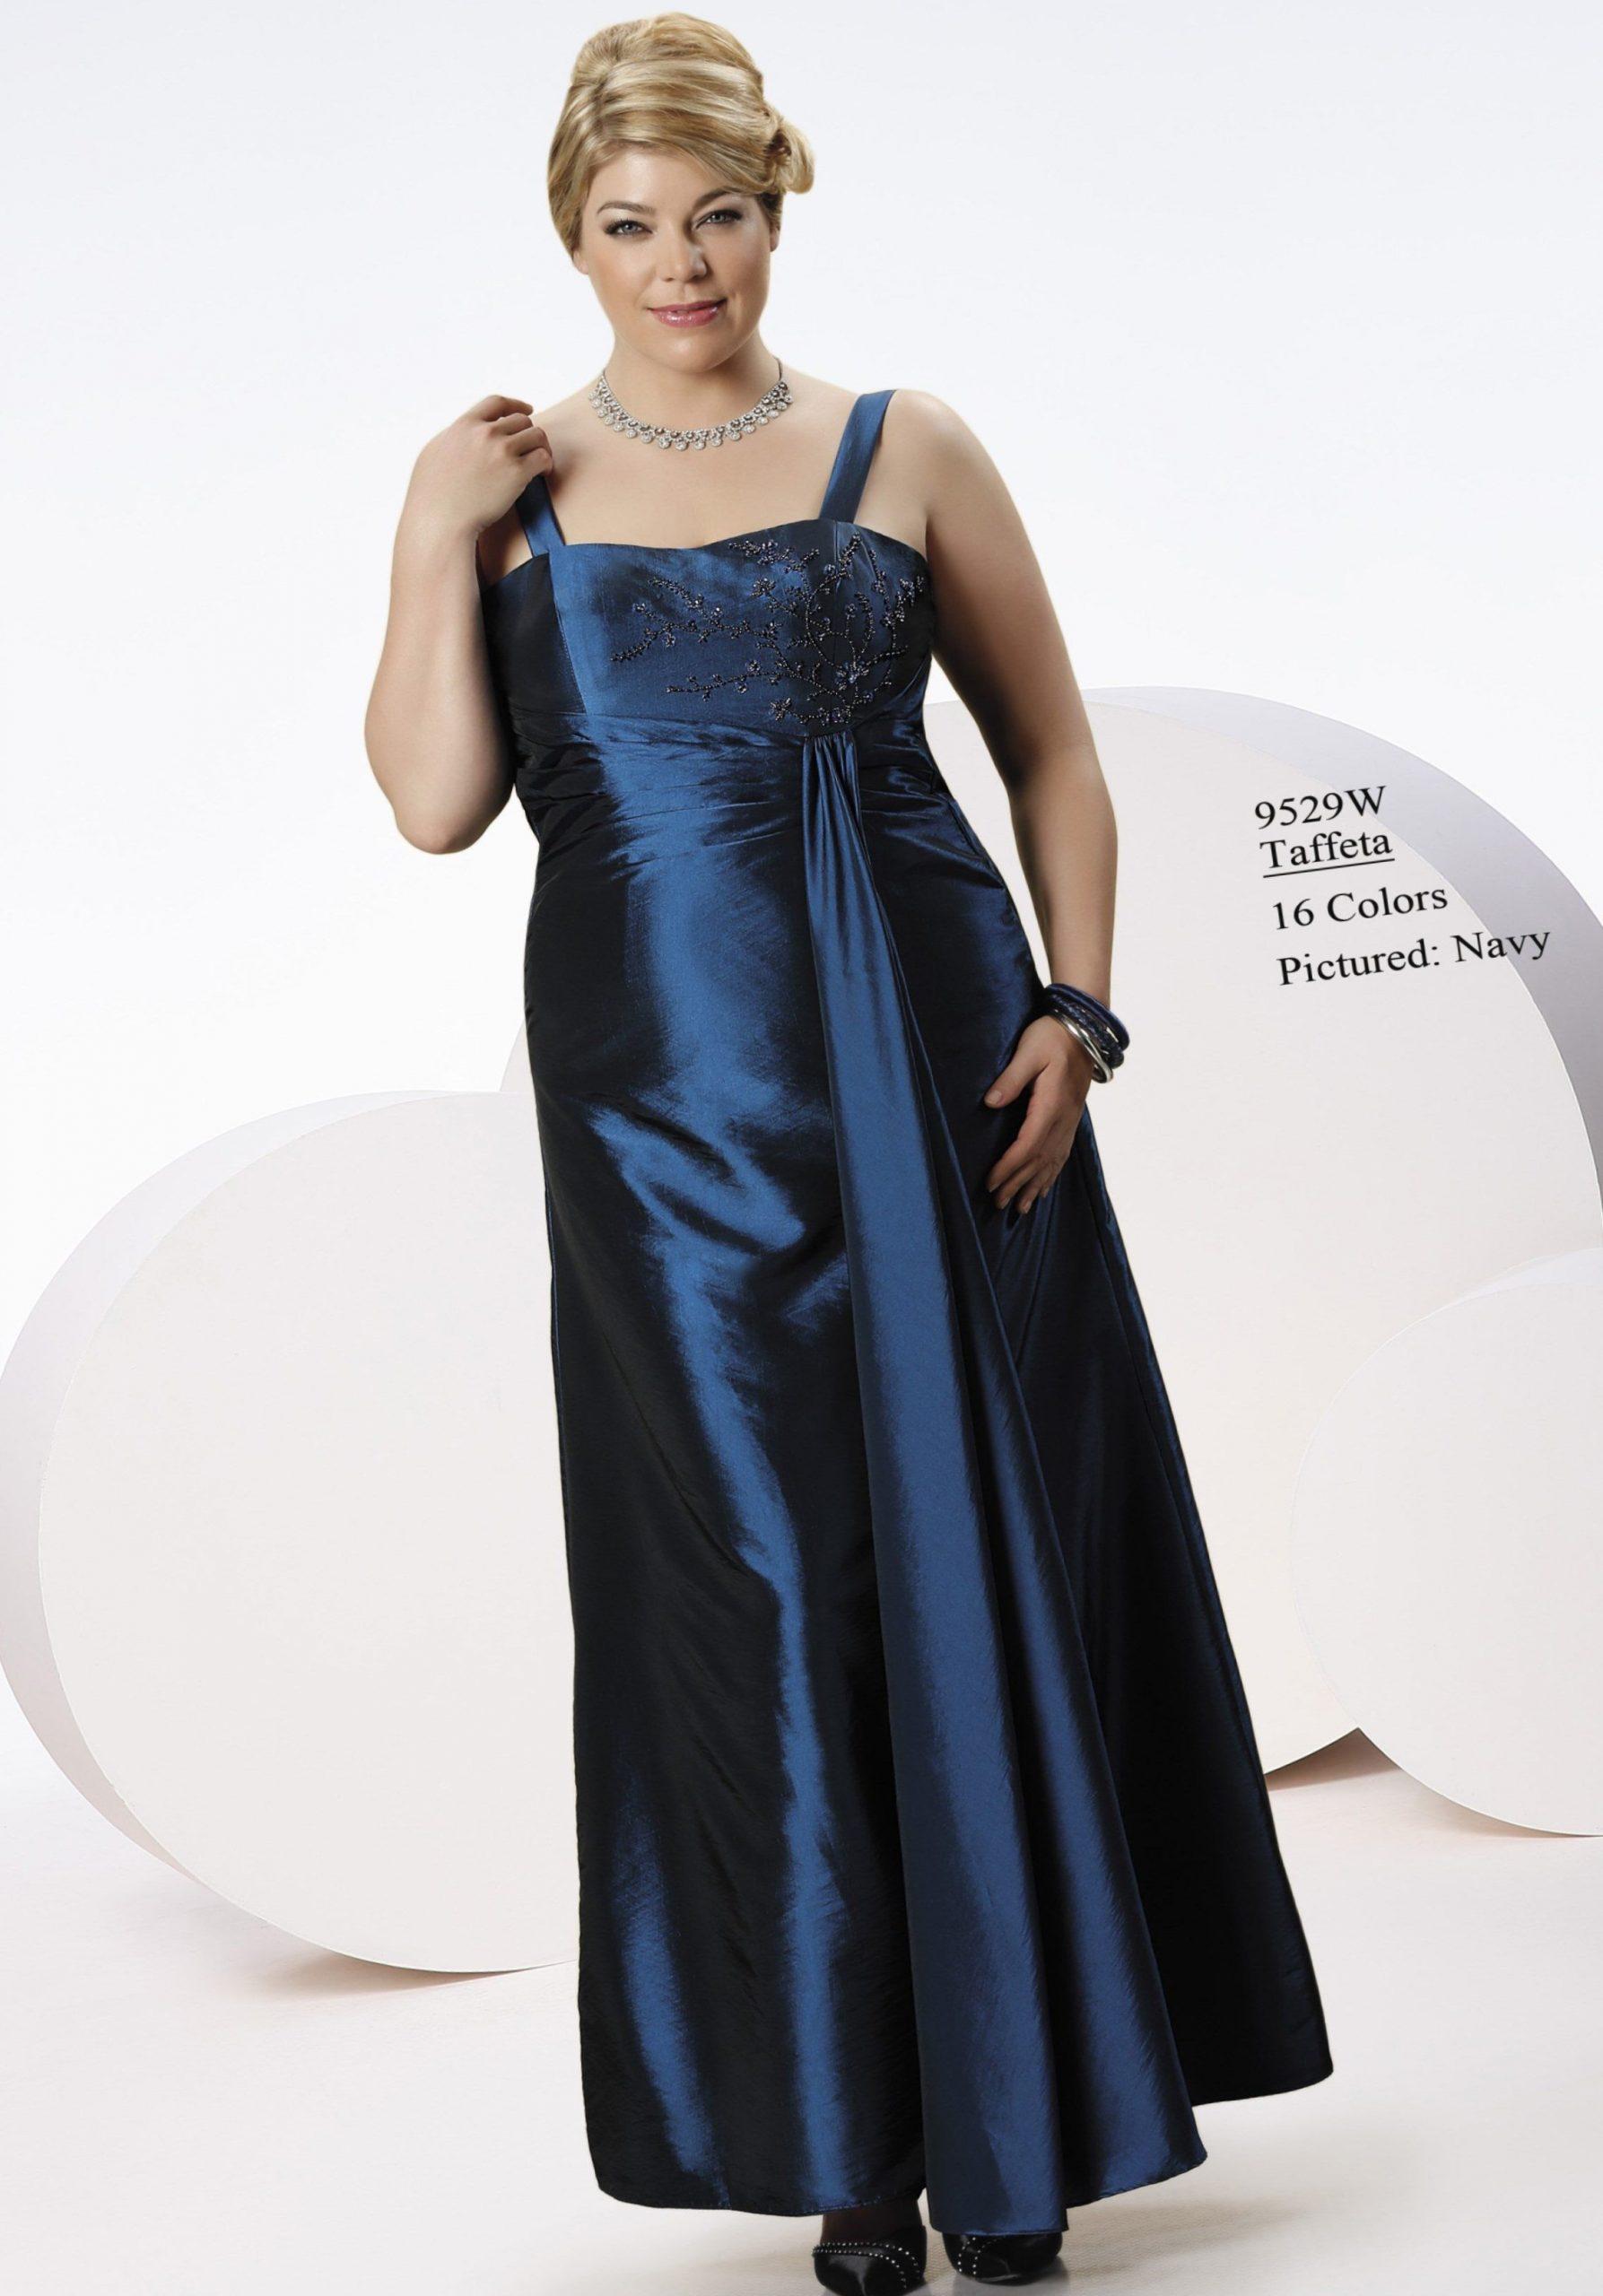 Abendkleider Große Größen Günstig Kaufen  Trendy Mode 2020